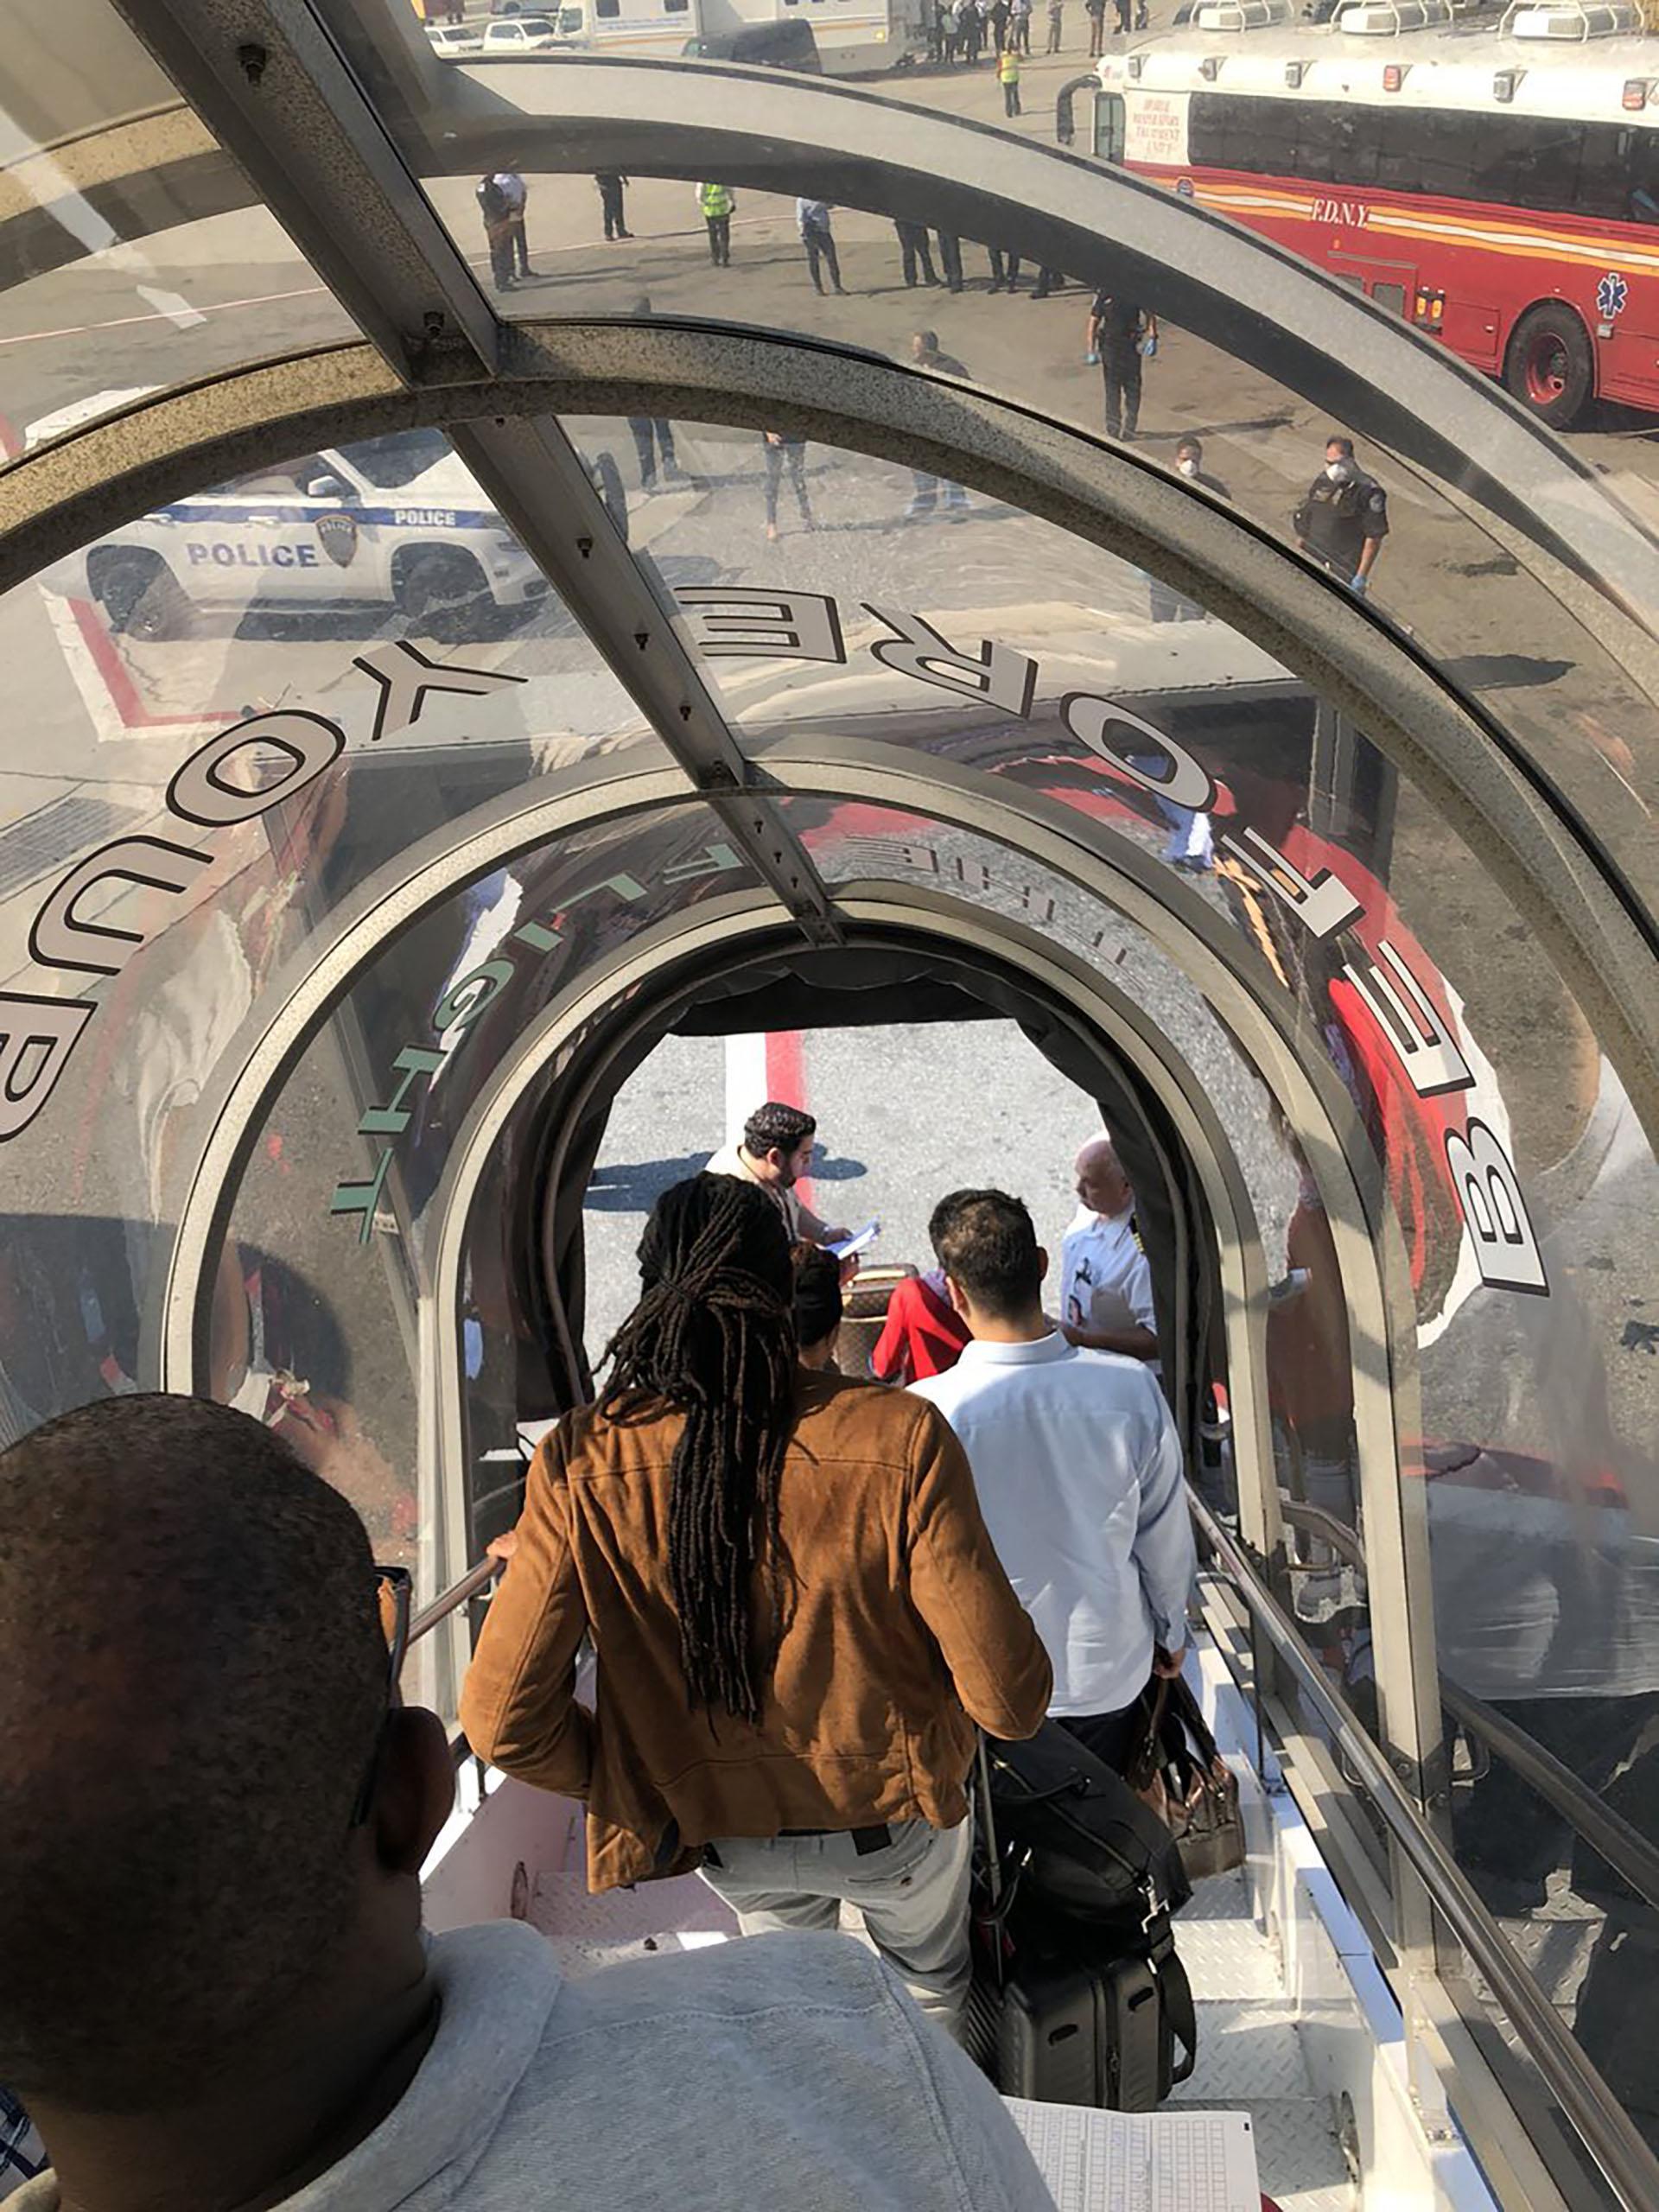 Alerta bacteriológica en Nueva York: aterrizó un avión con pasajeros  enfermos y fue puesto en cuarentena - Infobae